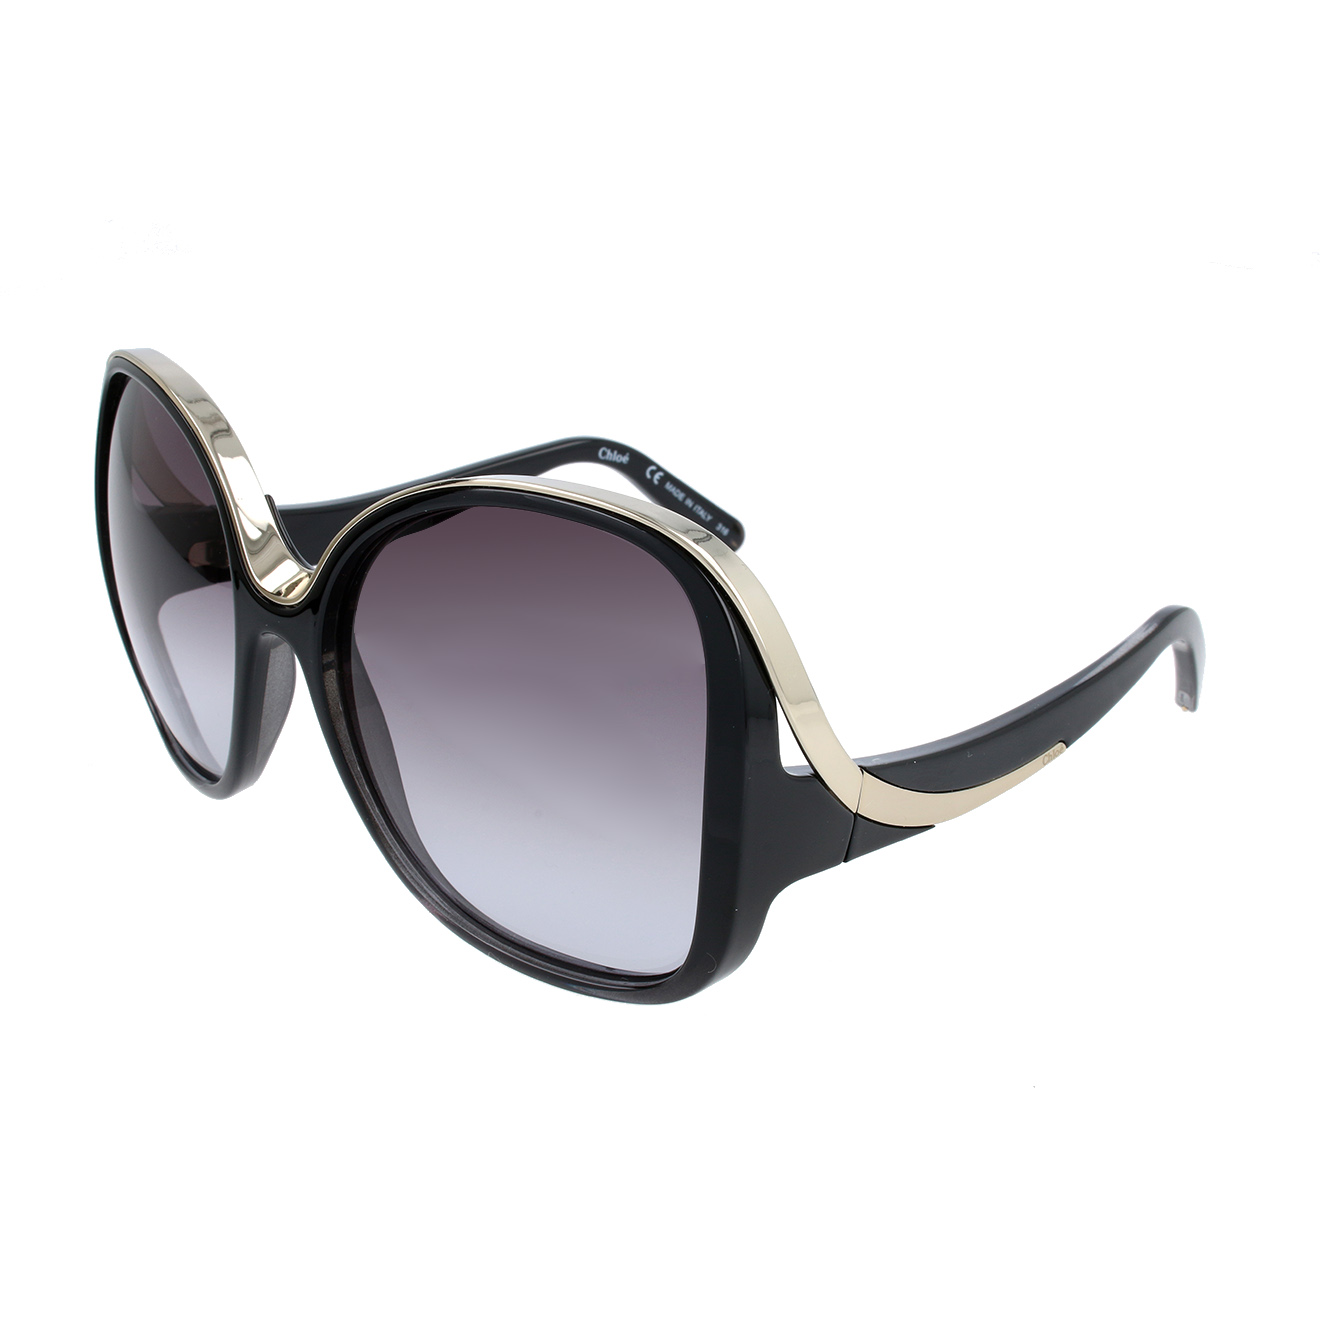 Chloé-femme-lunettes de soleil femme noir...